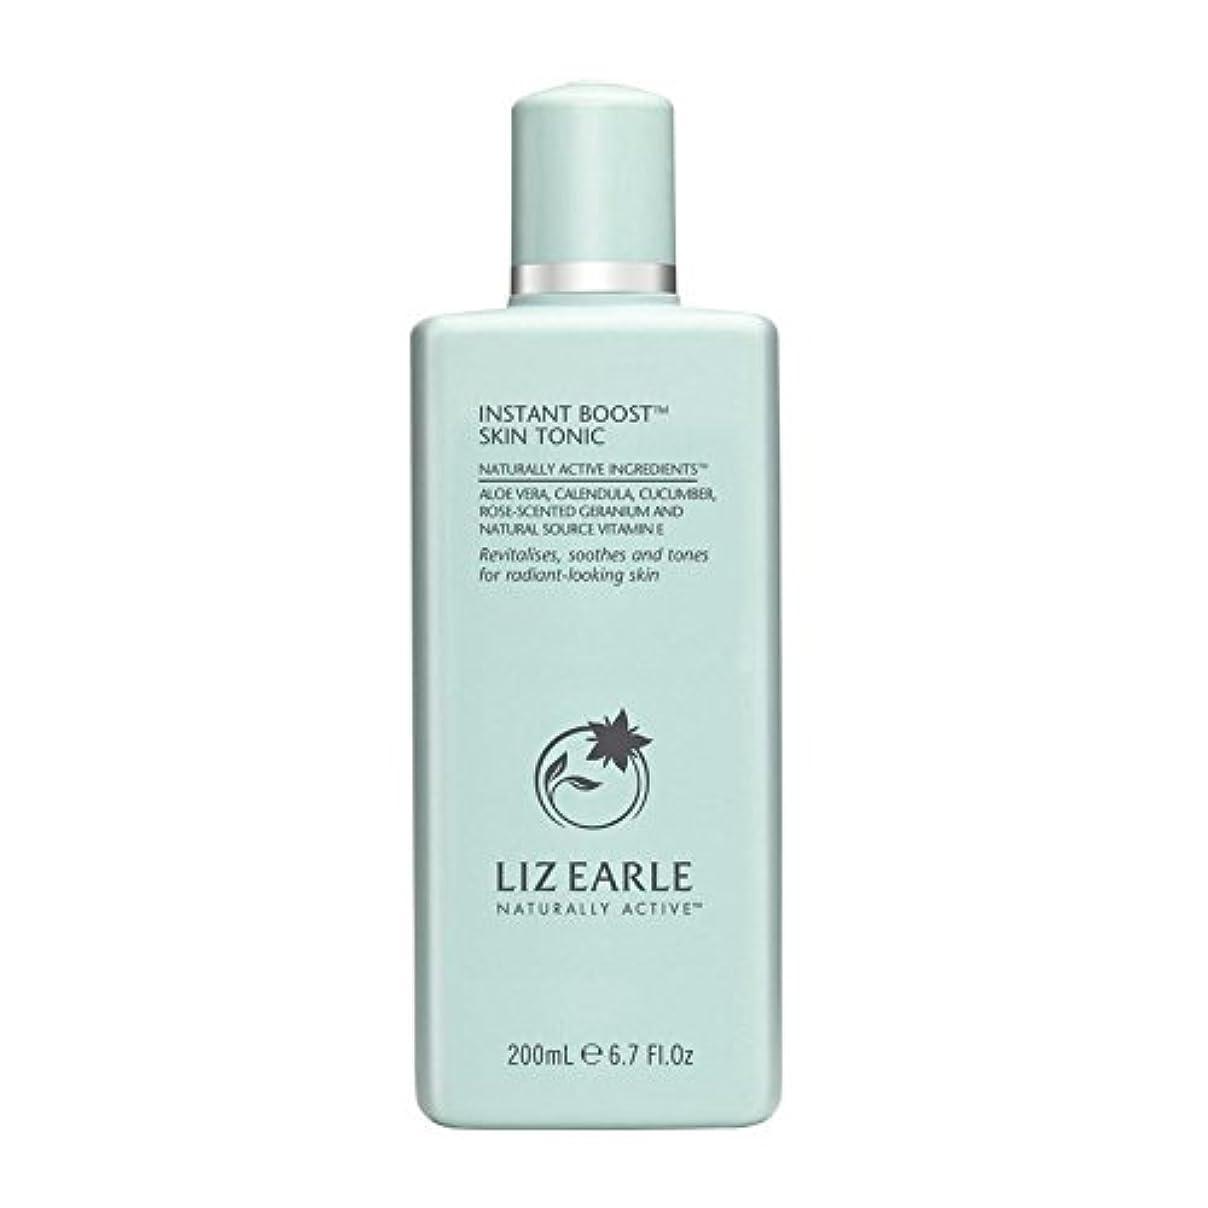 リーク家禽朝ごはんLiz Earle Instant Boost Skin Tonic Bottle 200ml - リズアールインスタントブーストスキントニックボトル200ミリリットル [並行輸入品]